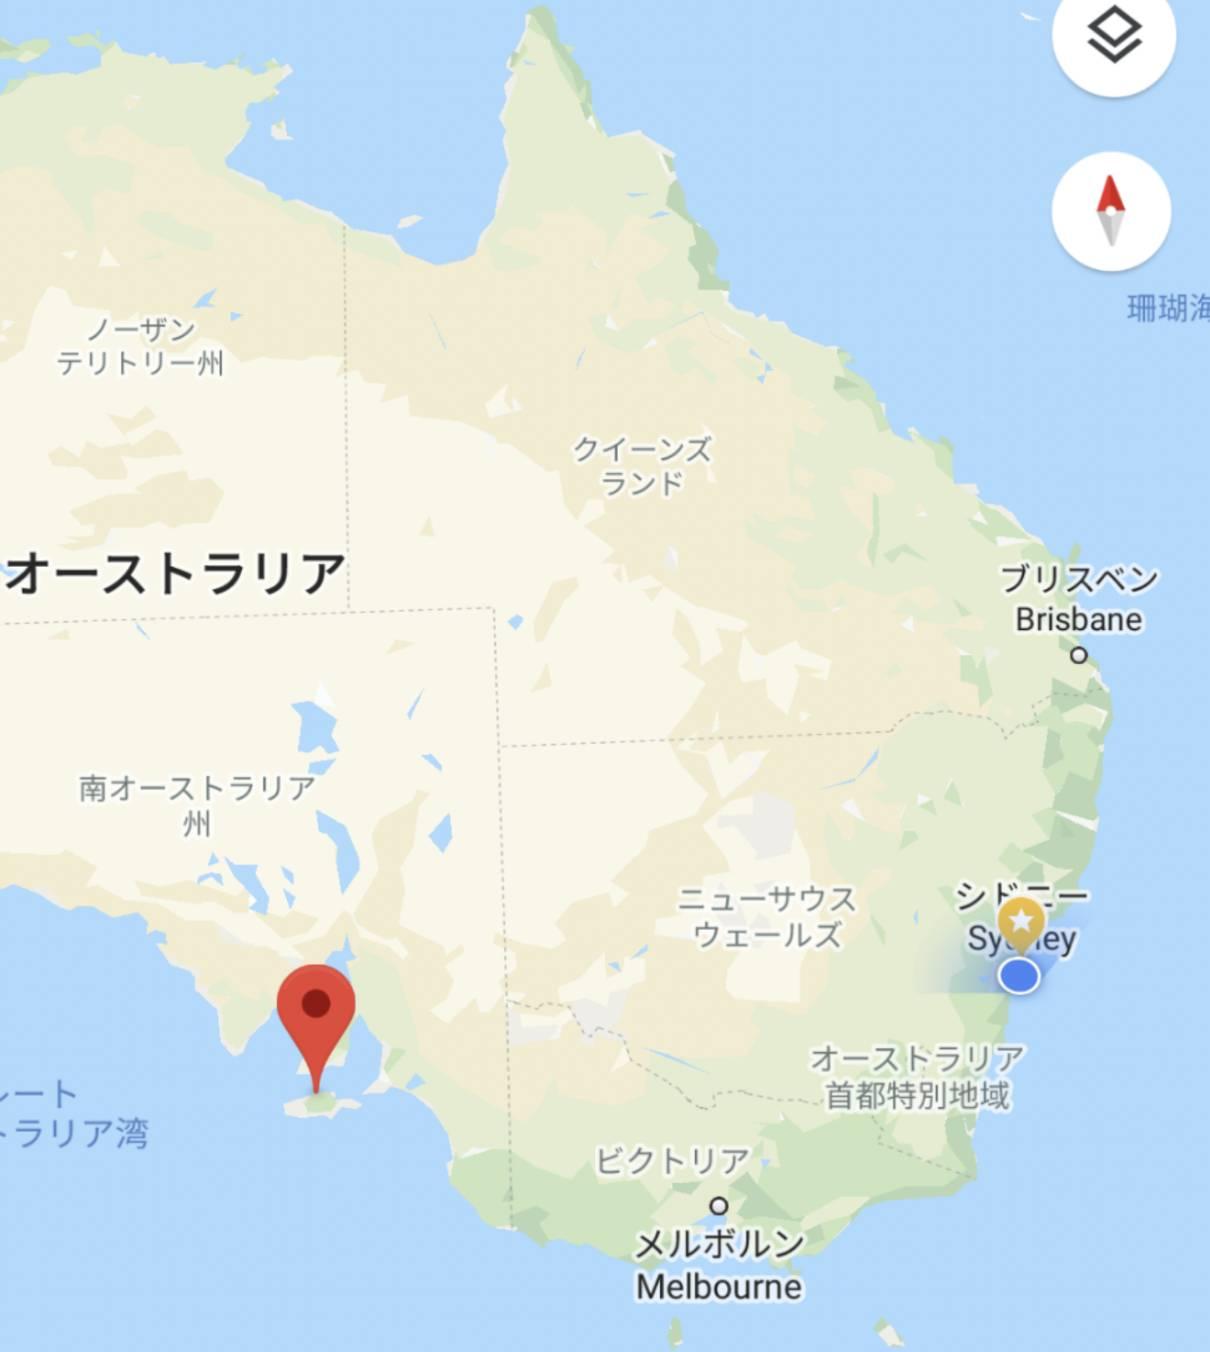 オーストラリア 山 火事 2019